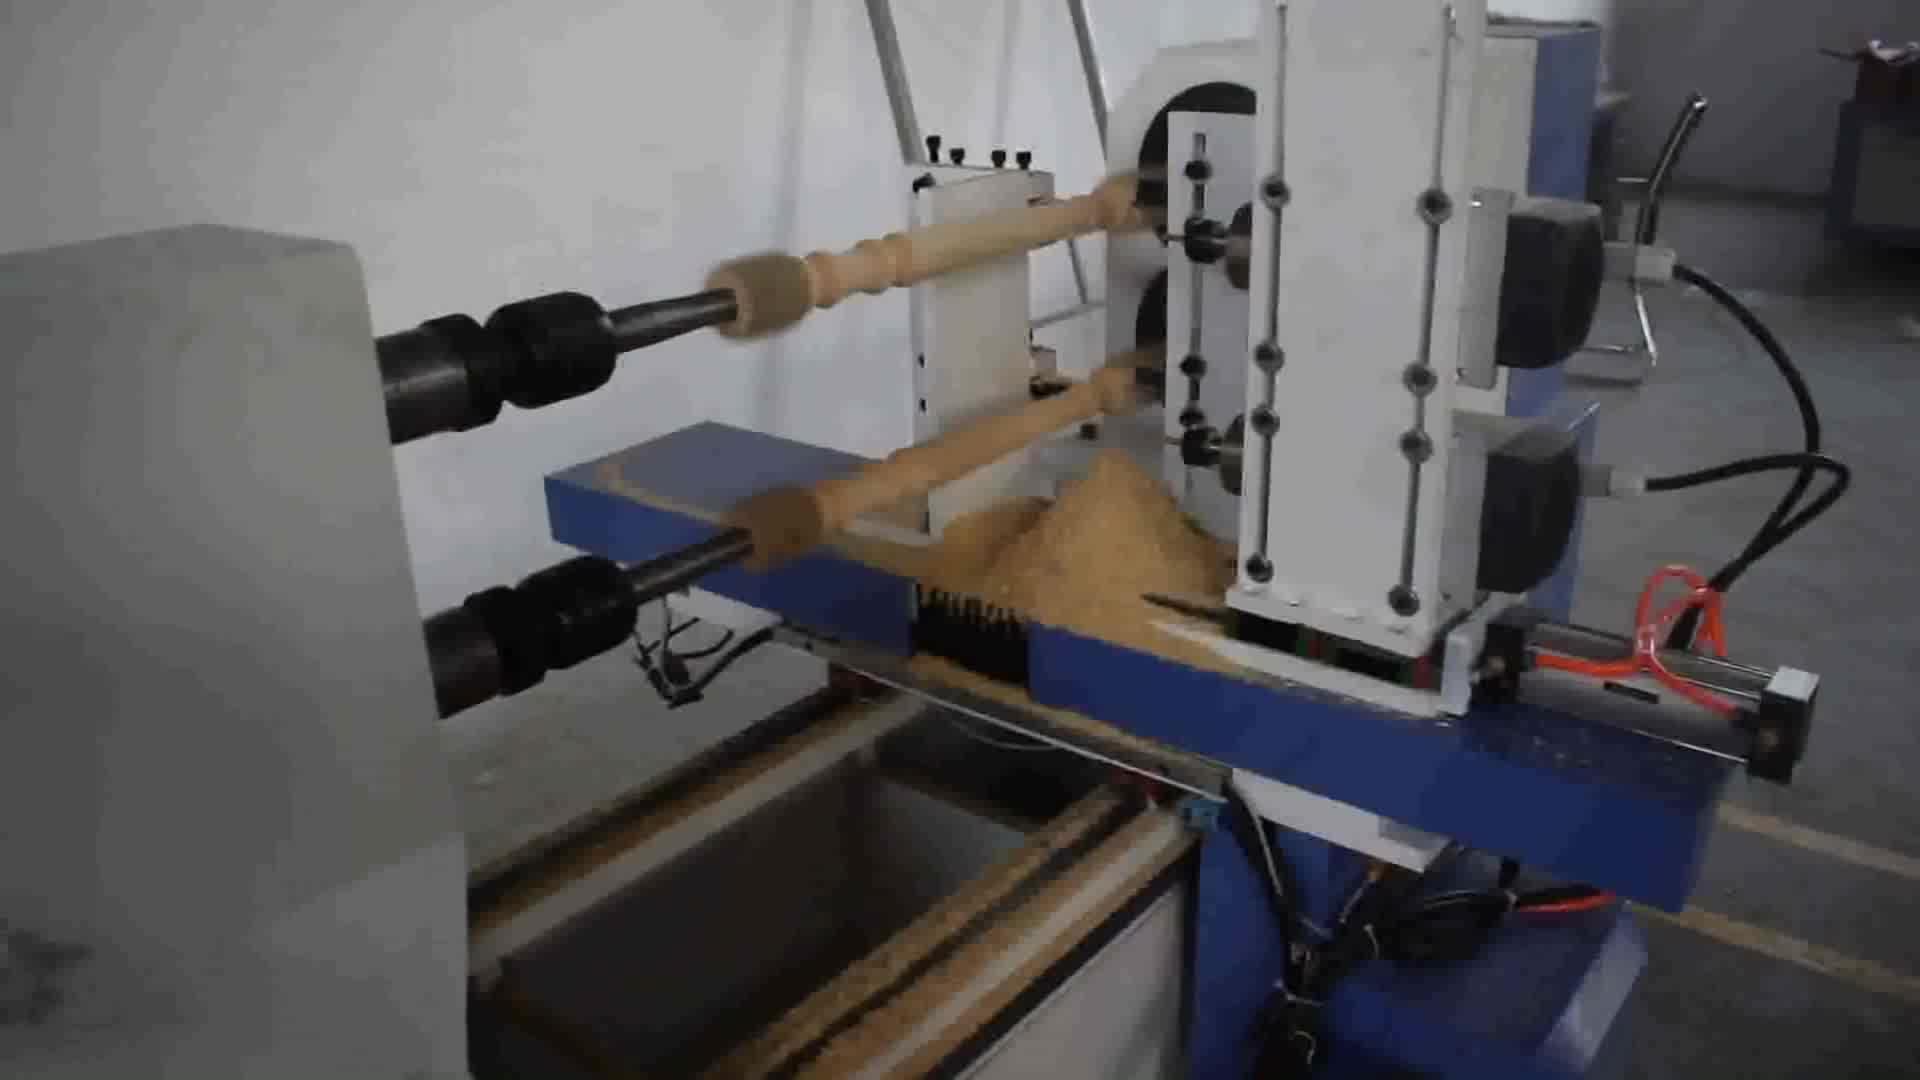 गर्म बिक्री नई चीन लकड़ी मोड़ स्वचालित सीएनसी लकड़ी खराद मशीन